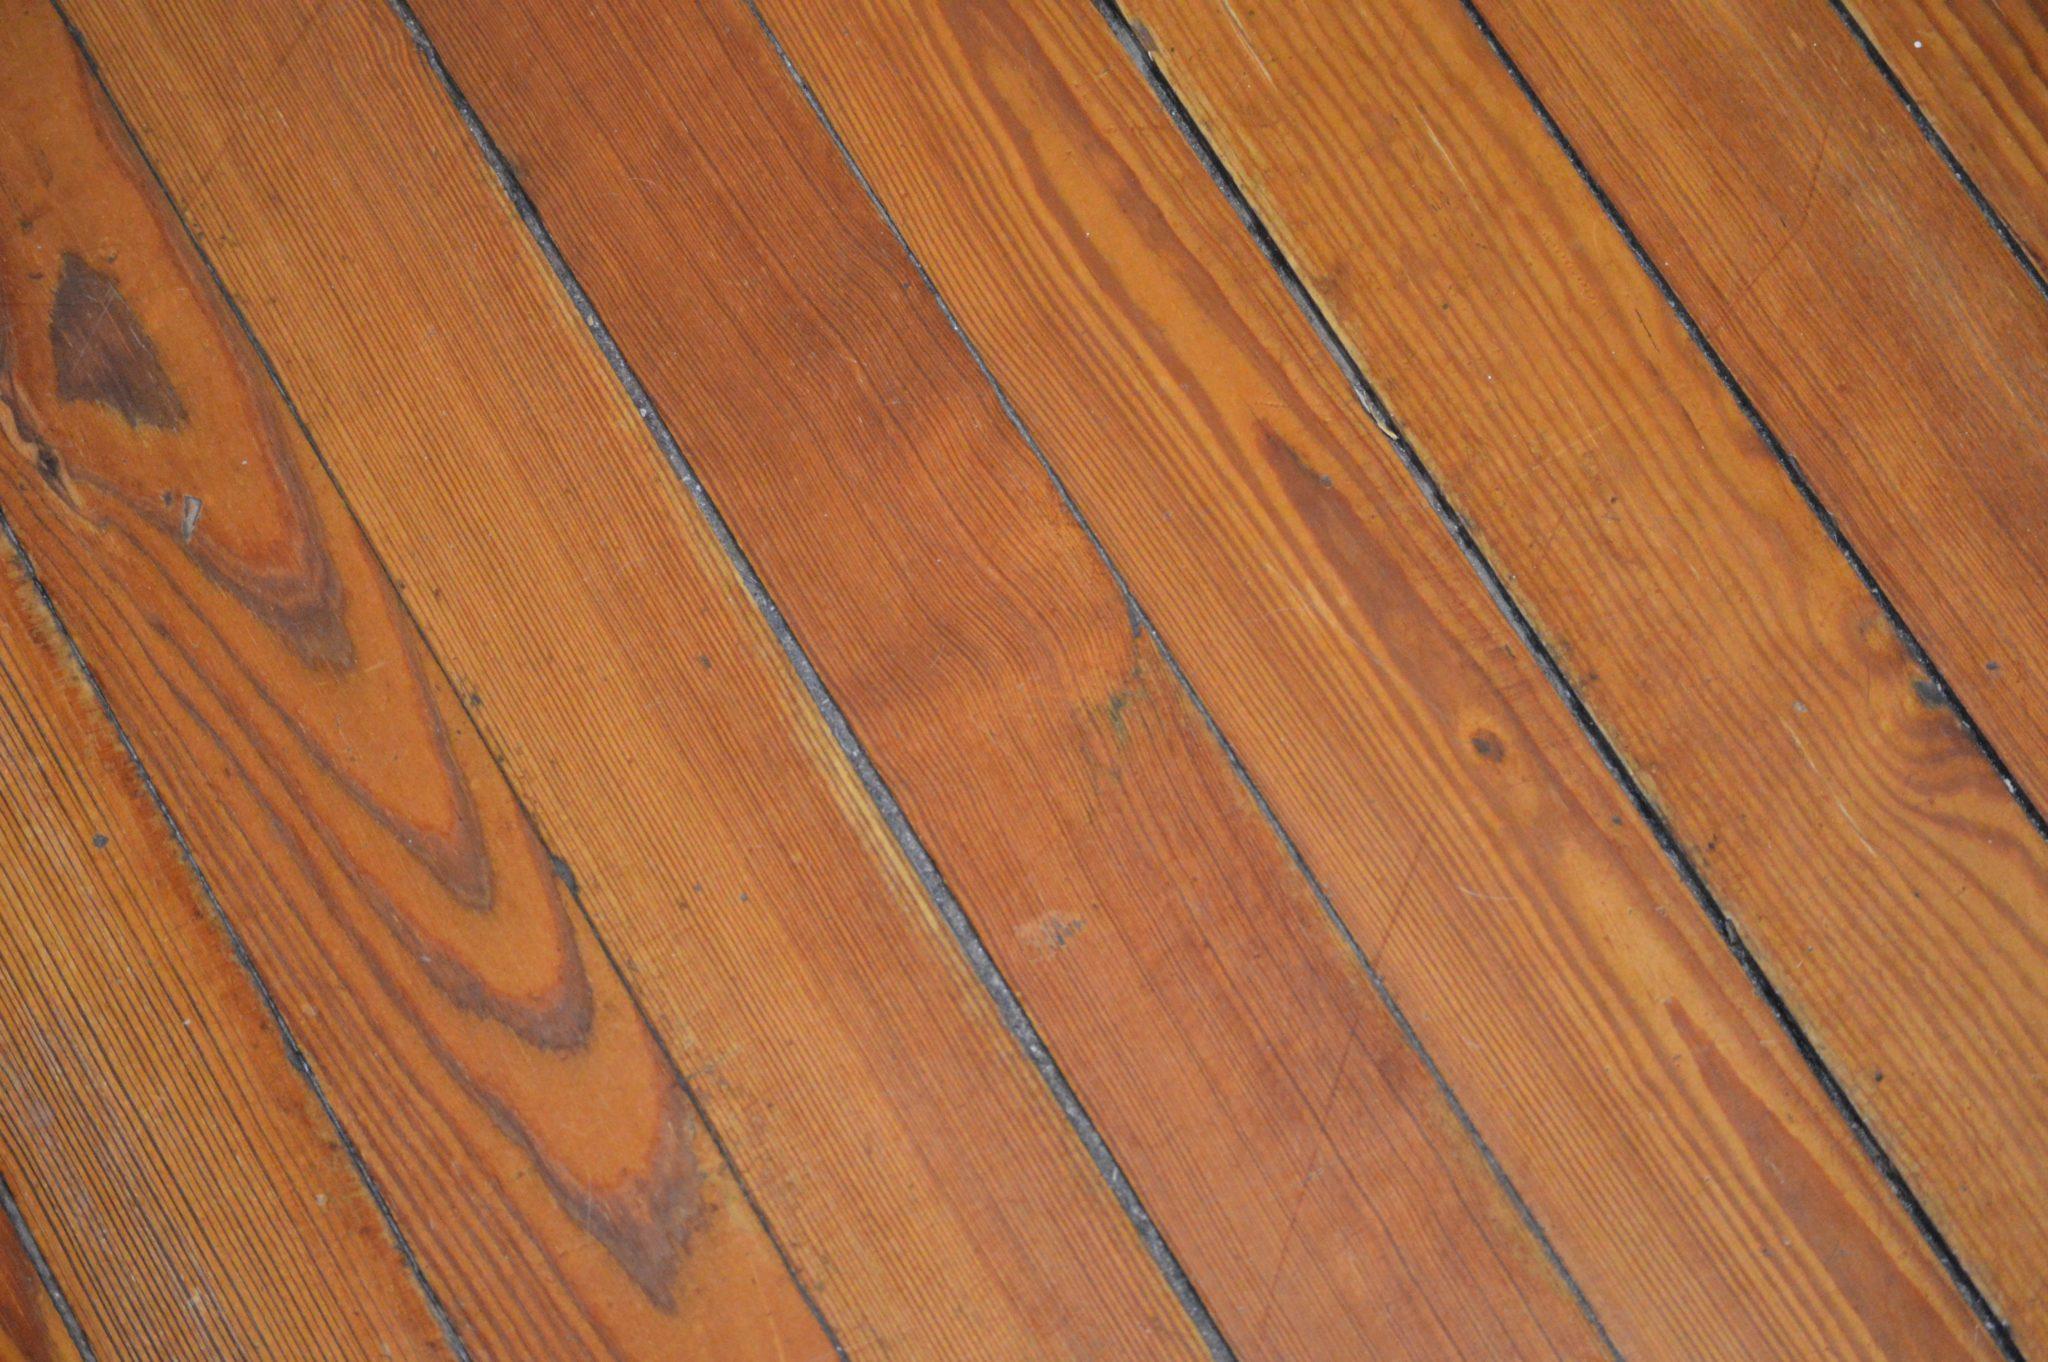 How To Get Glue Off Wood Floor